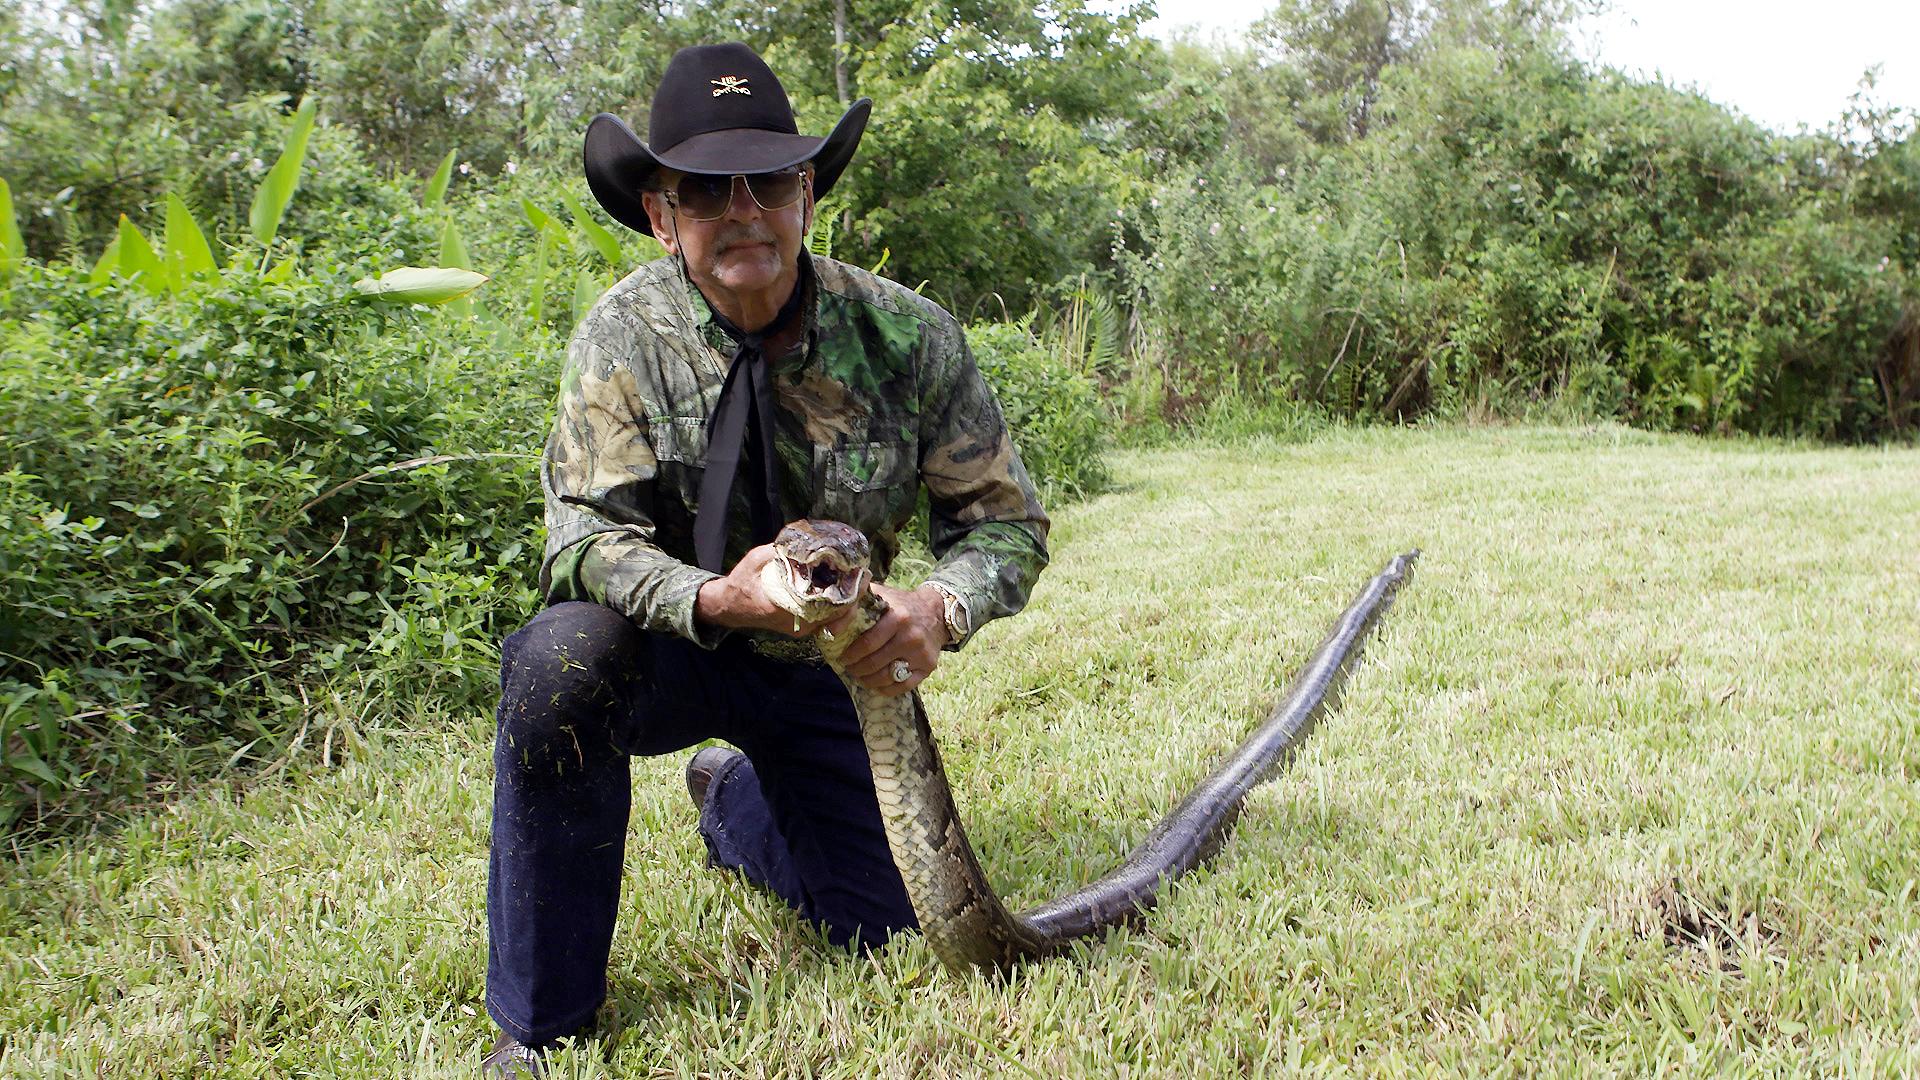 Python being captured